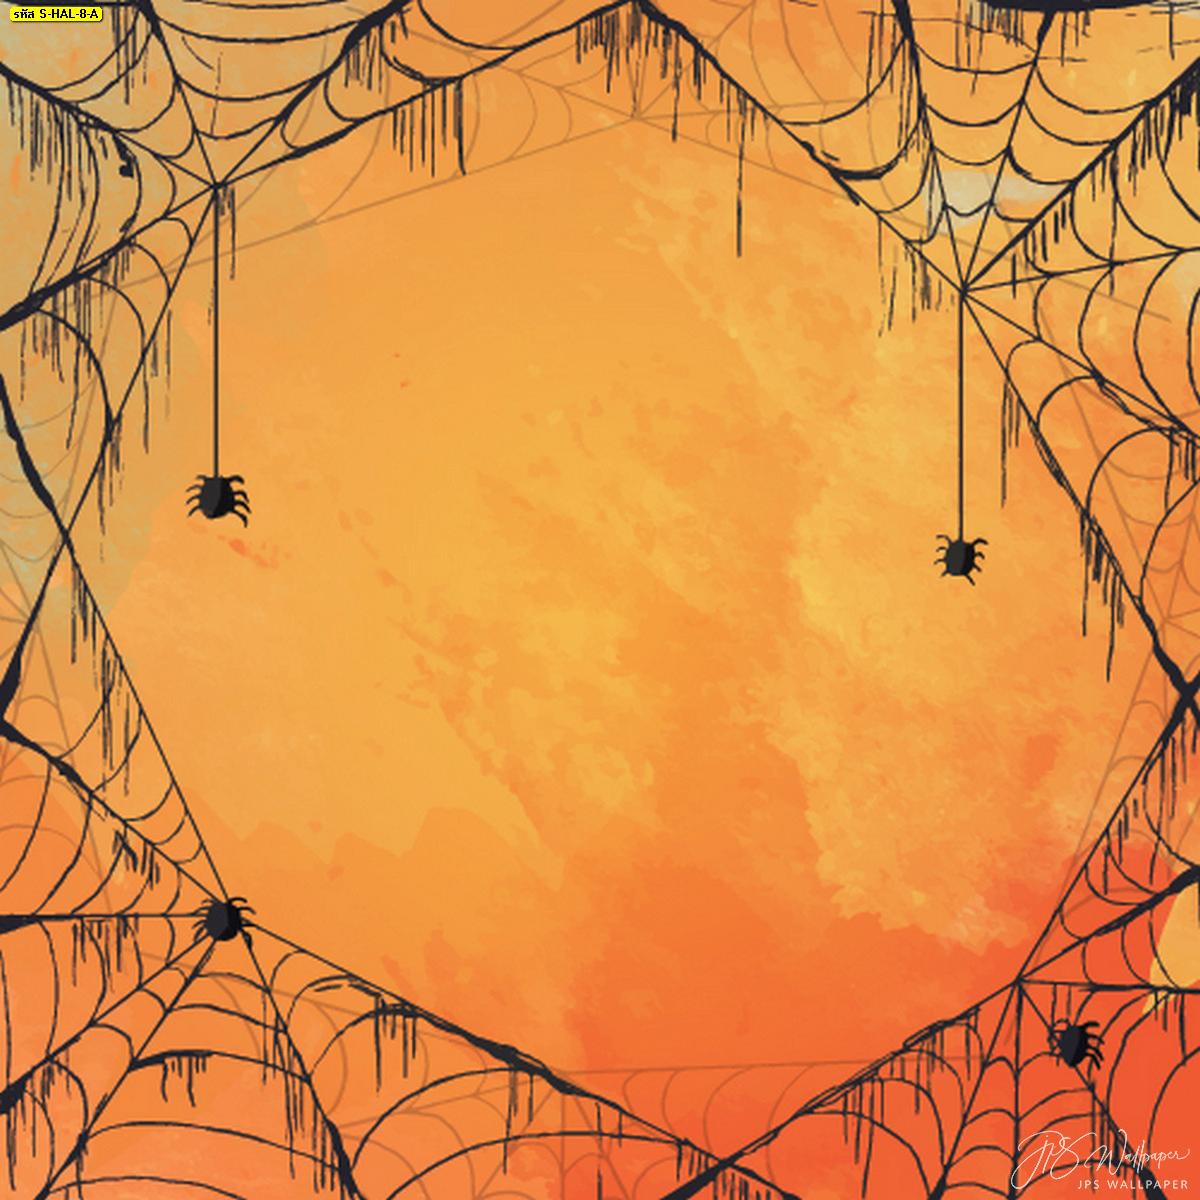 วอลเปเปอร์สั่งทำติดบ้านใยแมงมุมแต่งบ้านวันฮาโลวีน ภาพใยแมงมุมพื้นสีส้ม แต่งบ้านรับฮาโลวีน